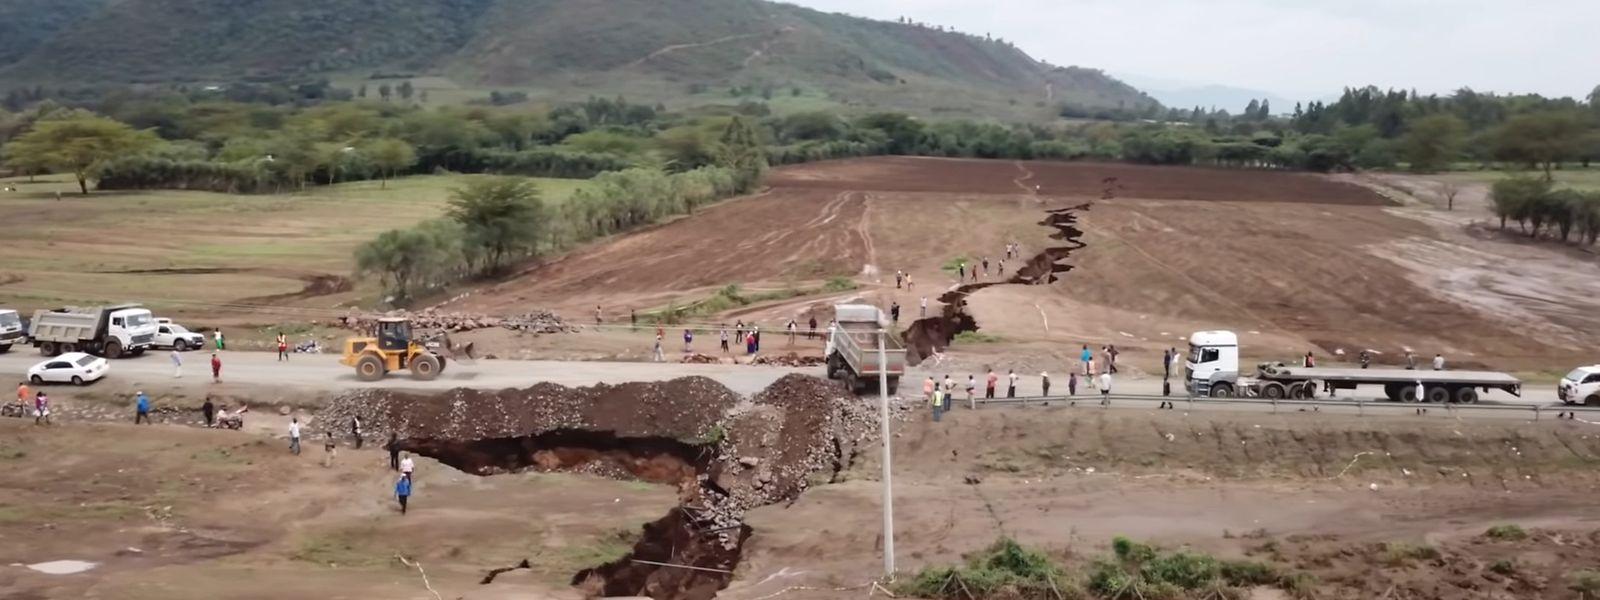 Im April trat im Südwesten Kenias ein tiefer, kilometerlanger Erdriss auf.